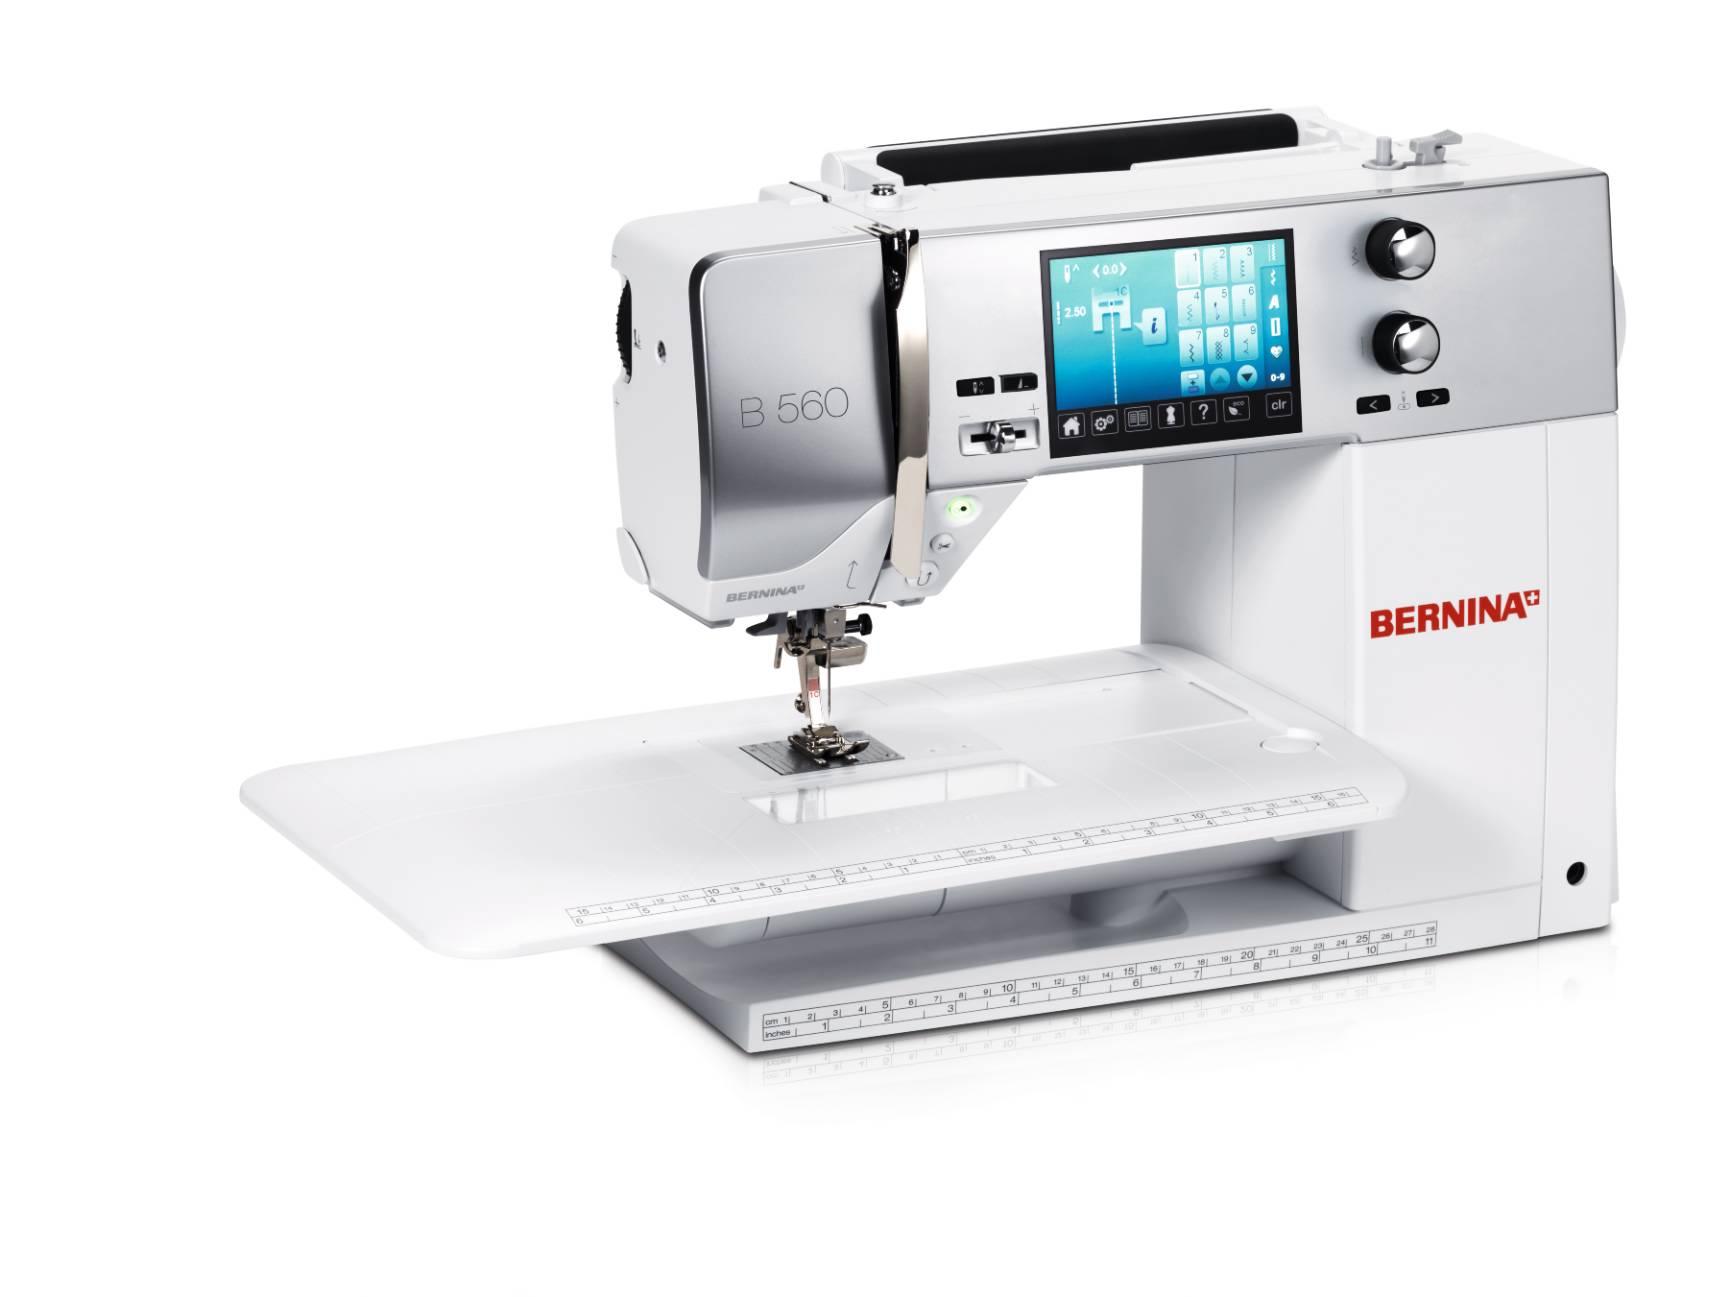 Bernina-560-Standard_-Anschiebetisch_coated300_web